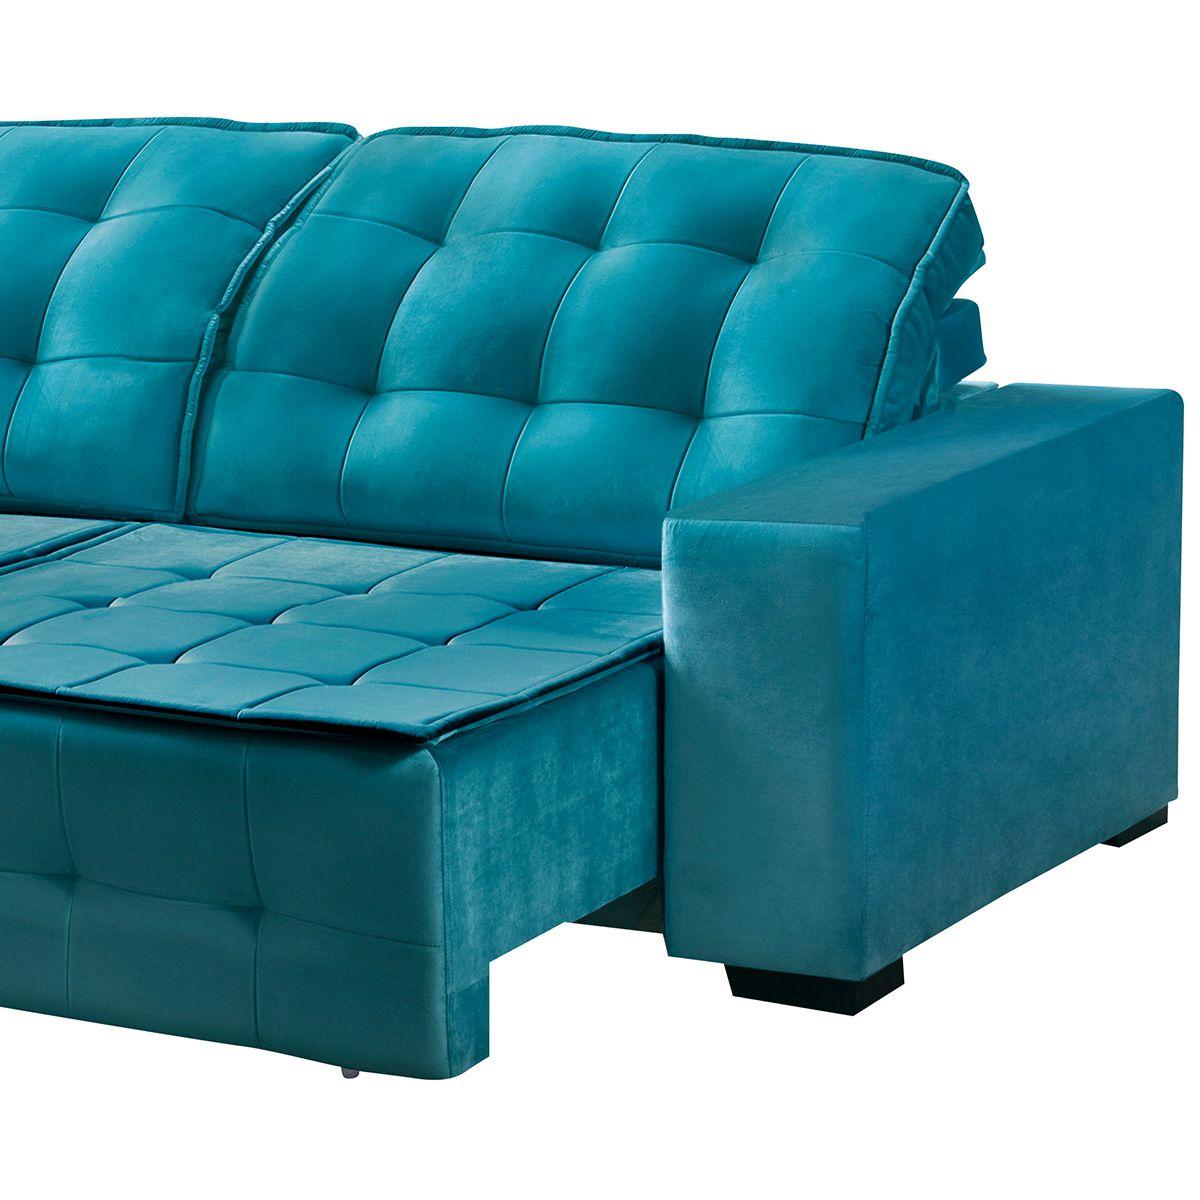 Sofá Retrátil e Reclinável Istambul 2,50 m Veludo Azul Esmeralda